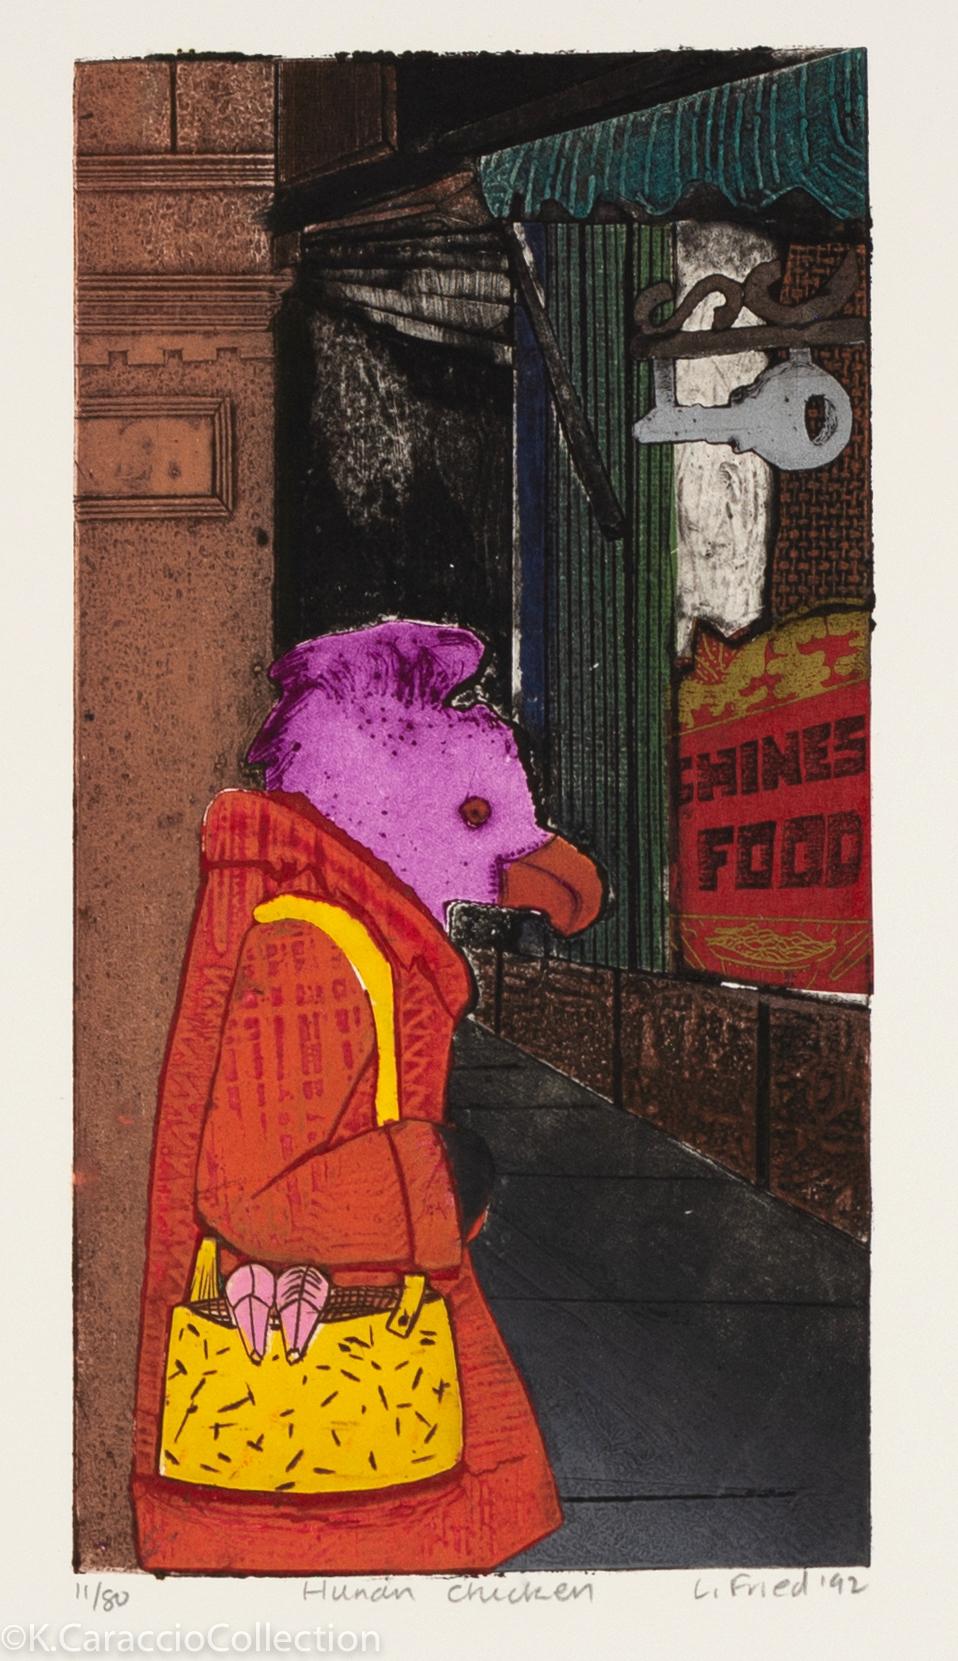 Hunan Chicken, 1992